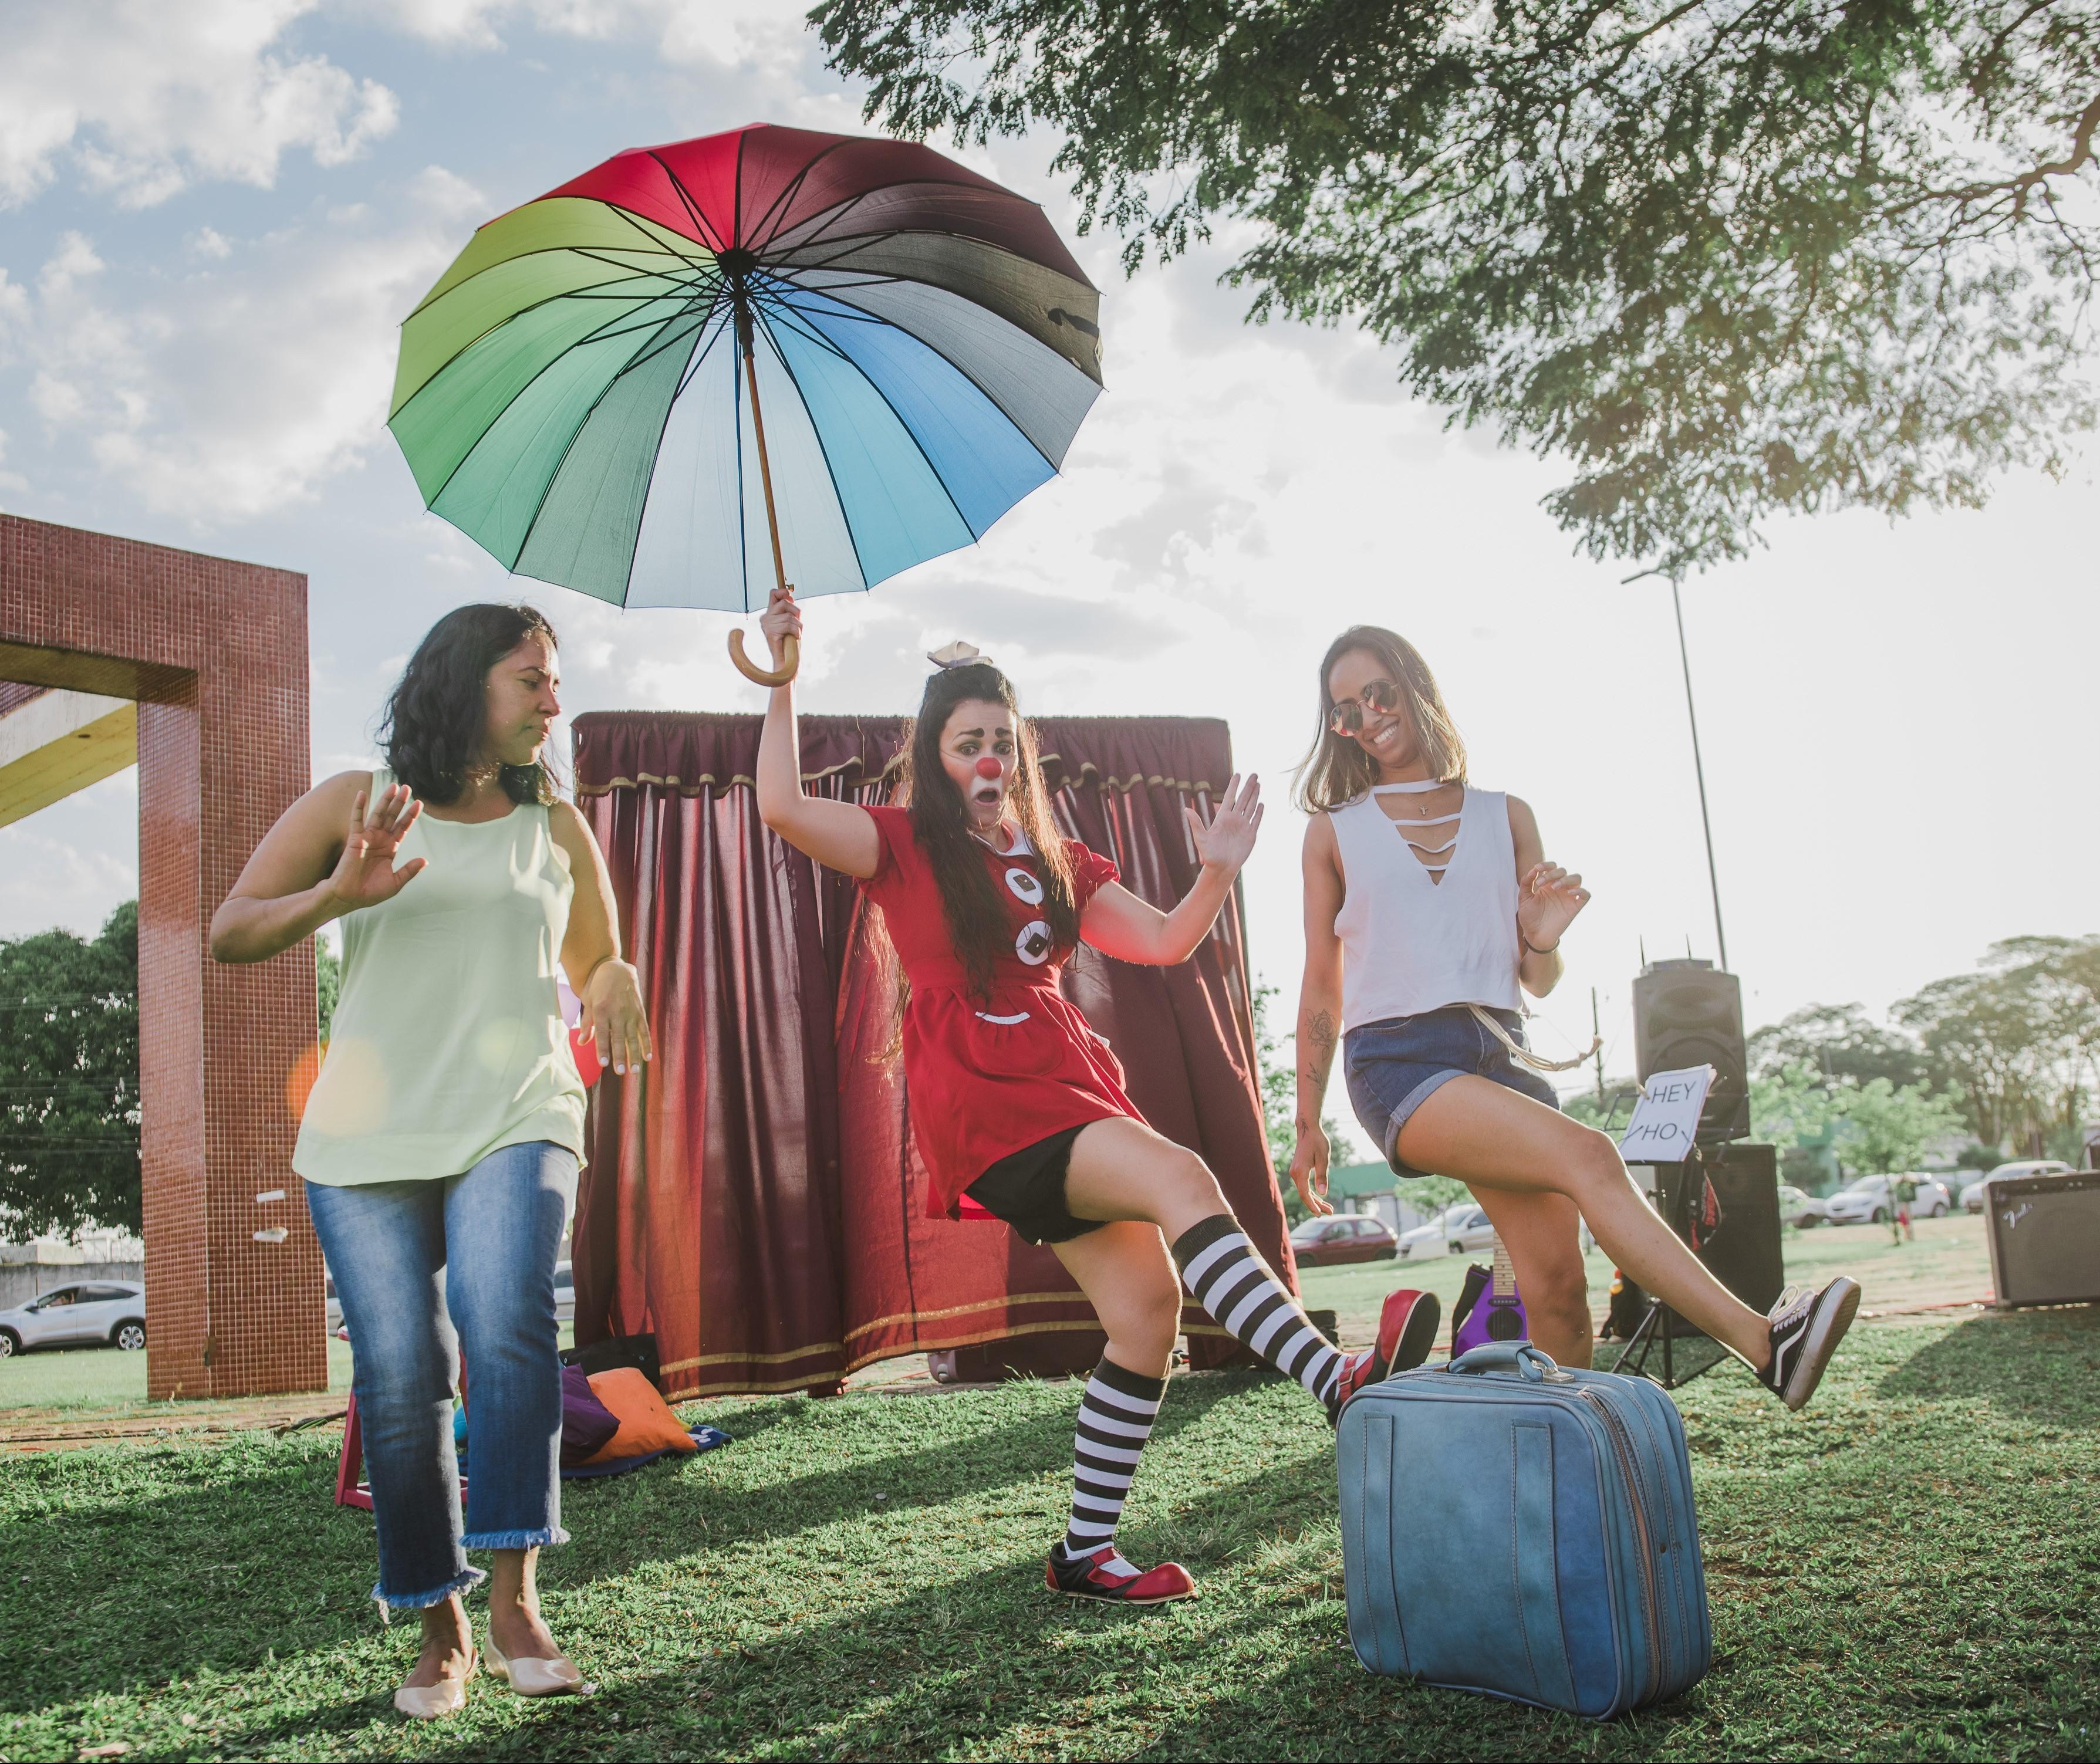 Convite ao Teatro recebe espetáculo solo de palhaçaria feminina em Maringá